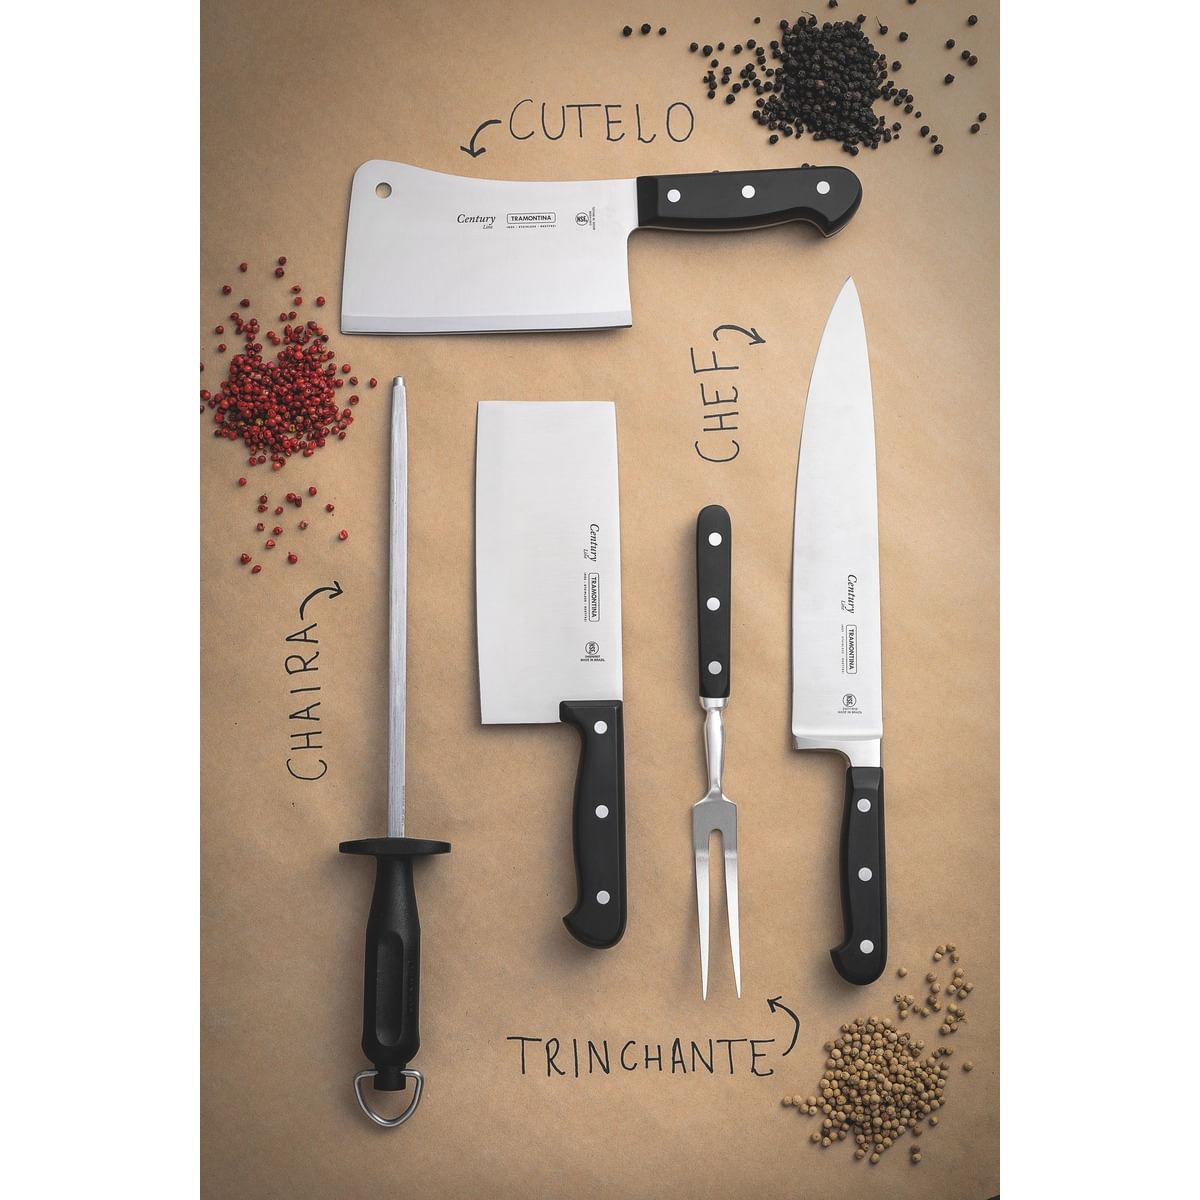 Faca Chef Tramontina Century com Lâmina em Aço Inox e Cabo de Policarbonato e Fibra de Vidro 10